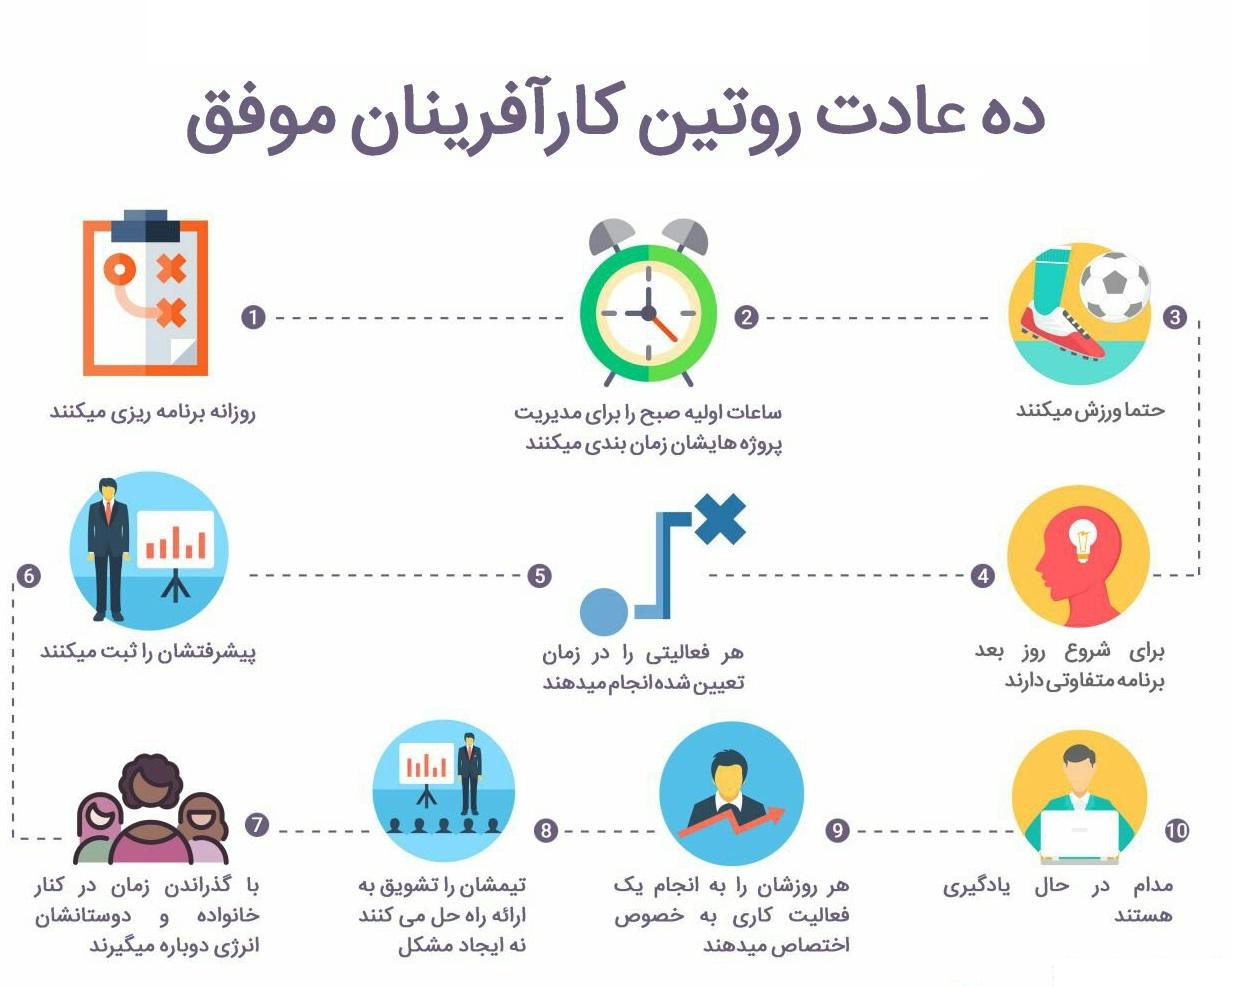 عادت های کارآفرینان موفق ده عادت کارآفرین موفق علی خادم الرضا مدرس و مشاور کارآفرینی و توسعه کسب و کار